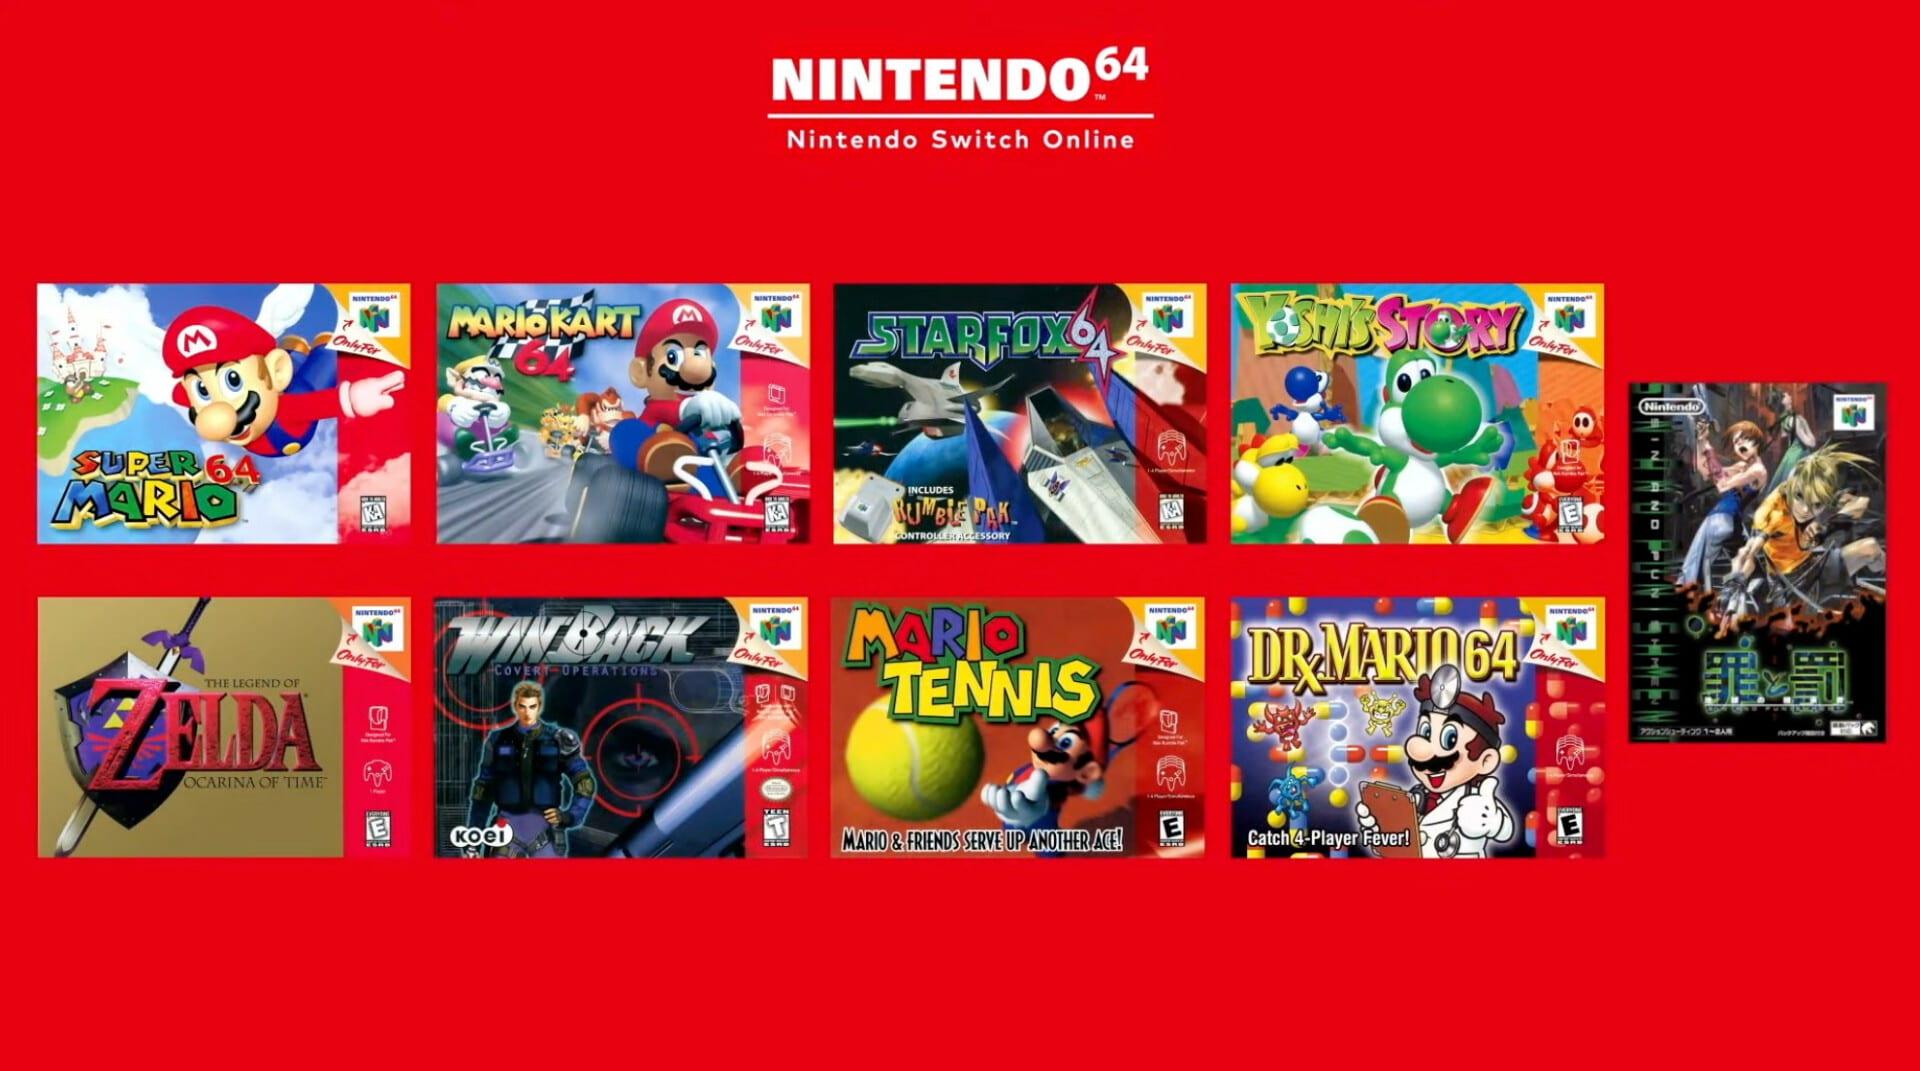 Nintendo Switch Online, Nintendo 64, Sega Genesis, games